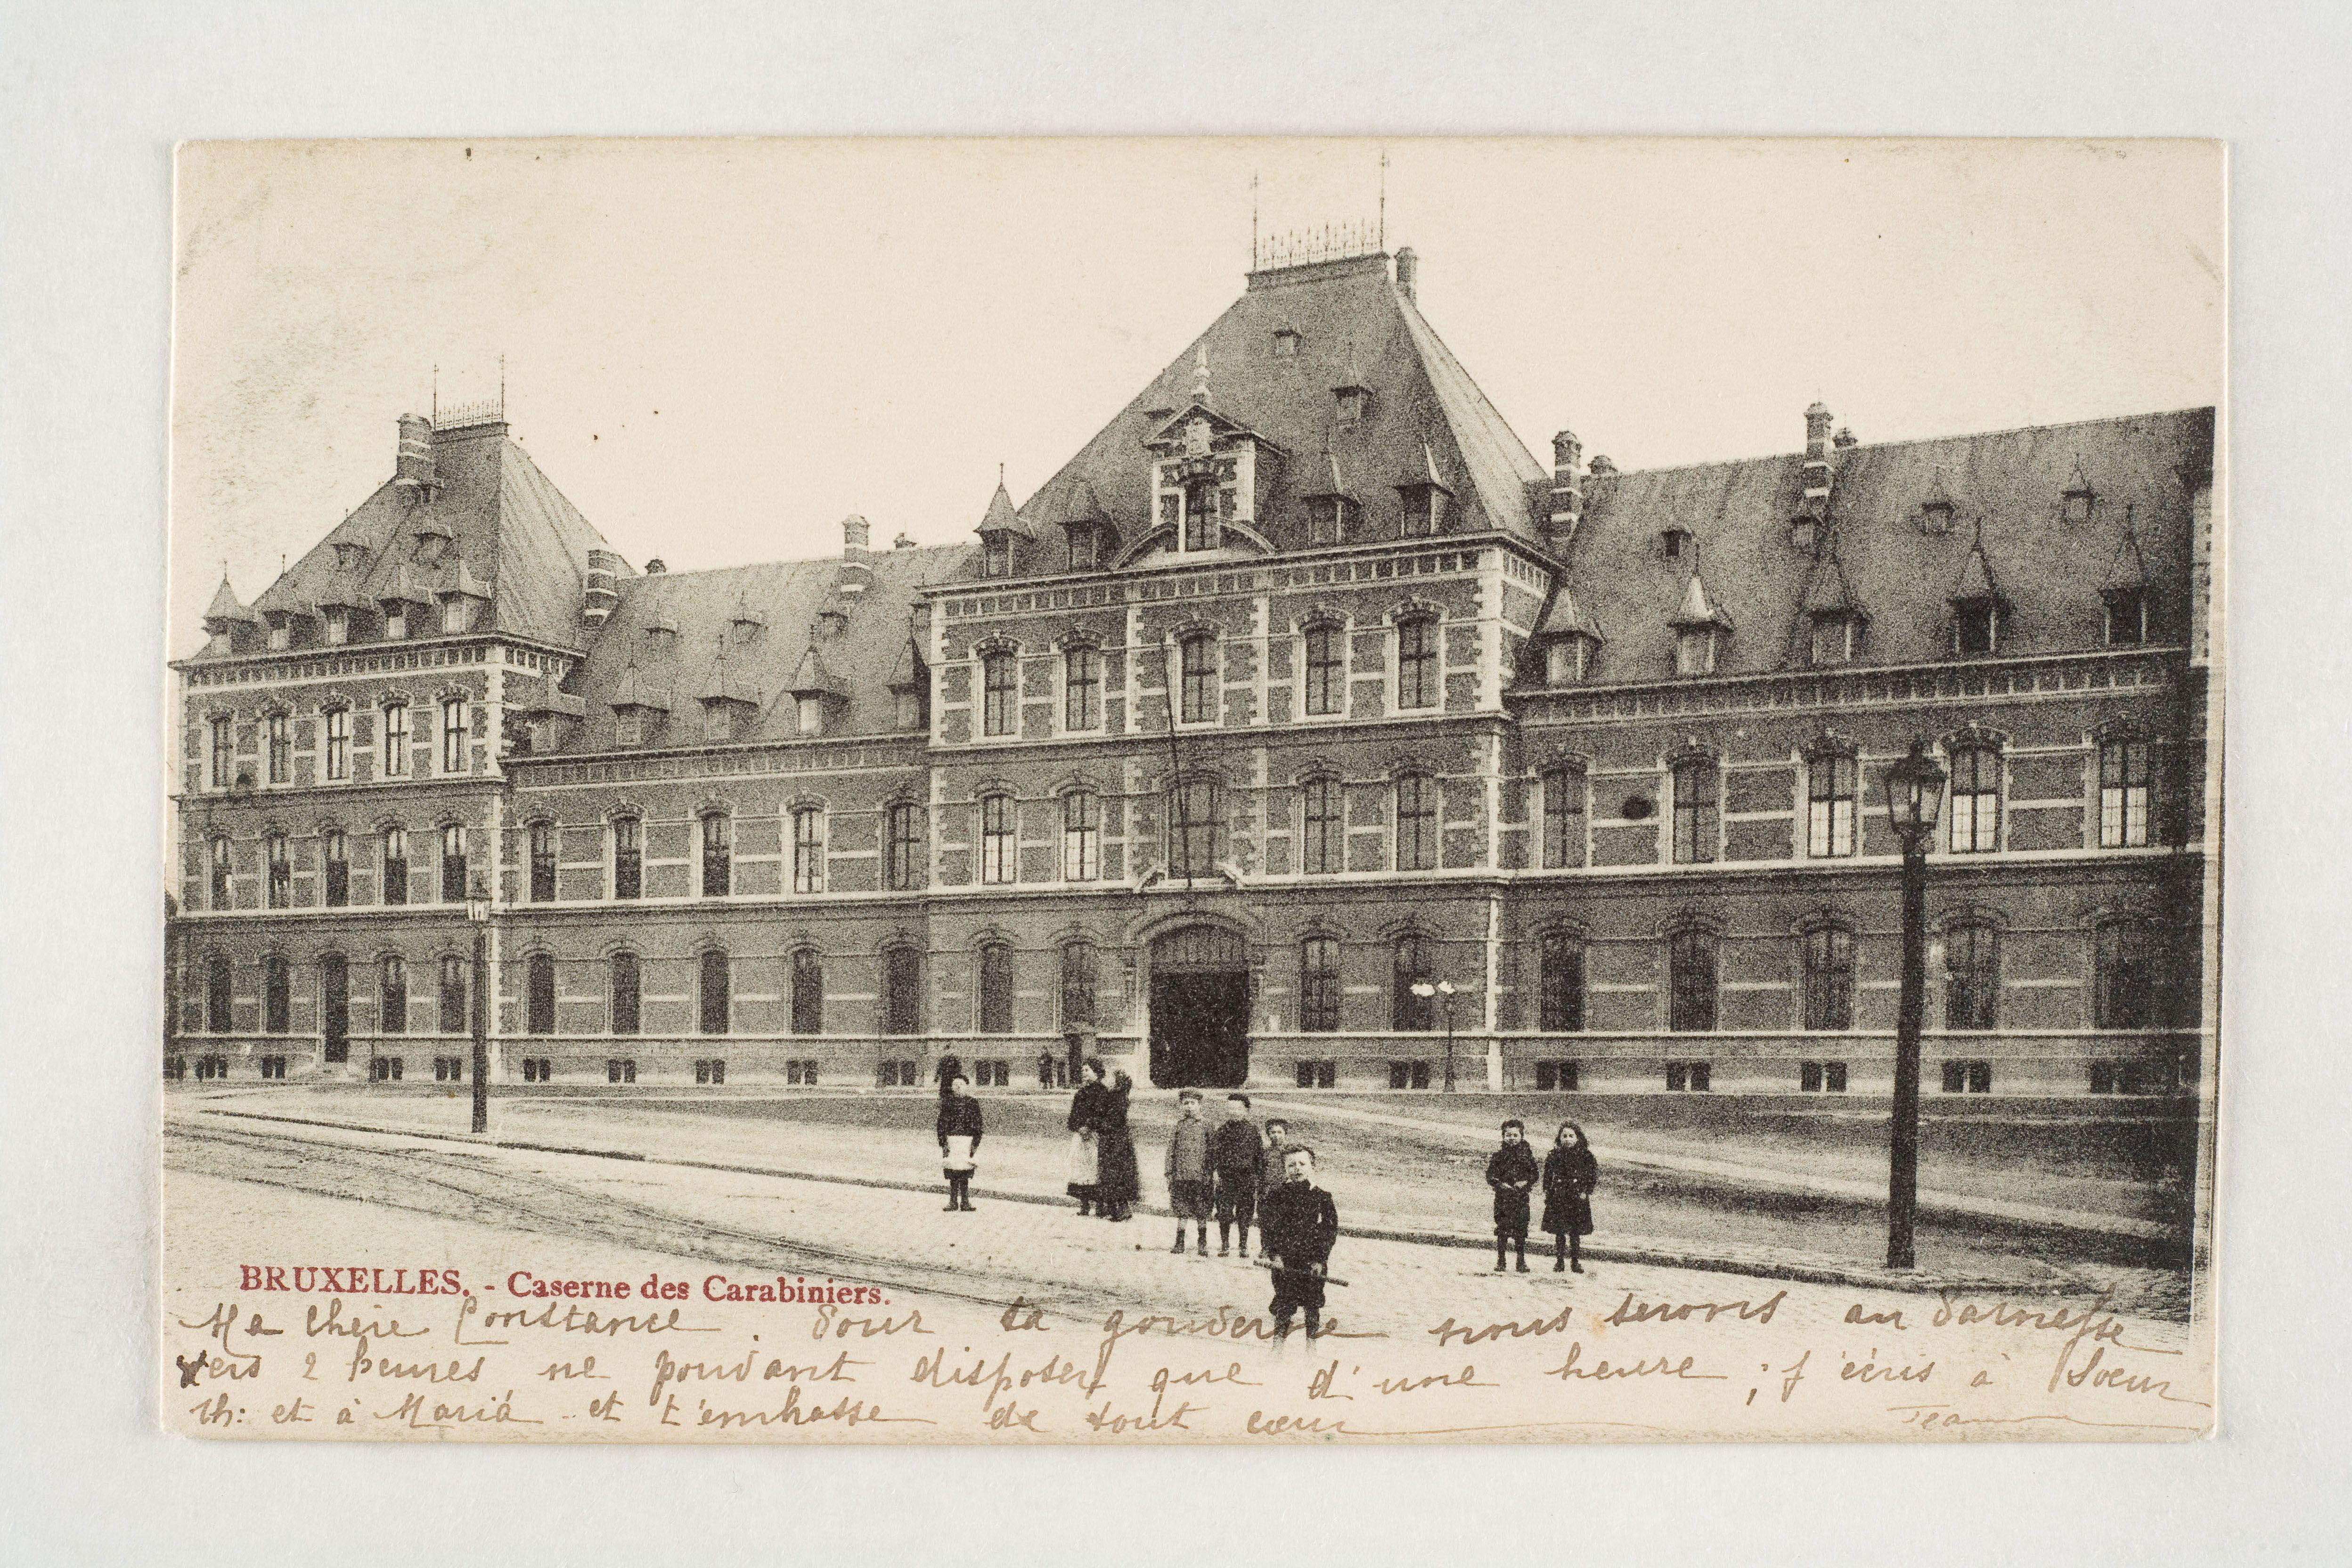 Daillyplein  Schaarbeek- Place Dailly Schaerbeek (Verz. Belfius Bank – Académie royale de Belgique © ARB- MBHG) Heb je zelf foto's uit de oude doos? Pin ze met #mastuvu.